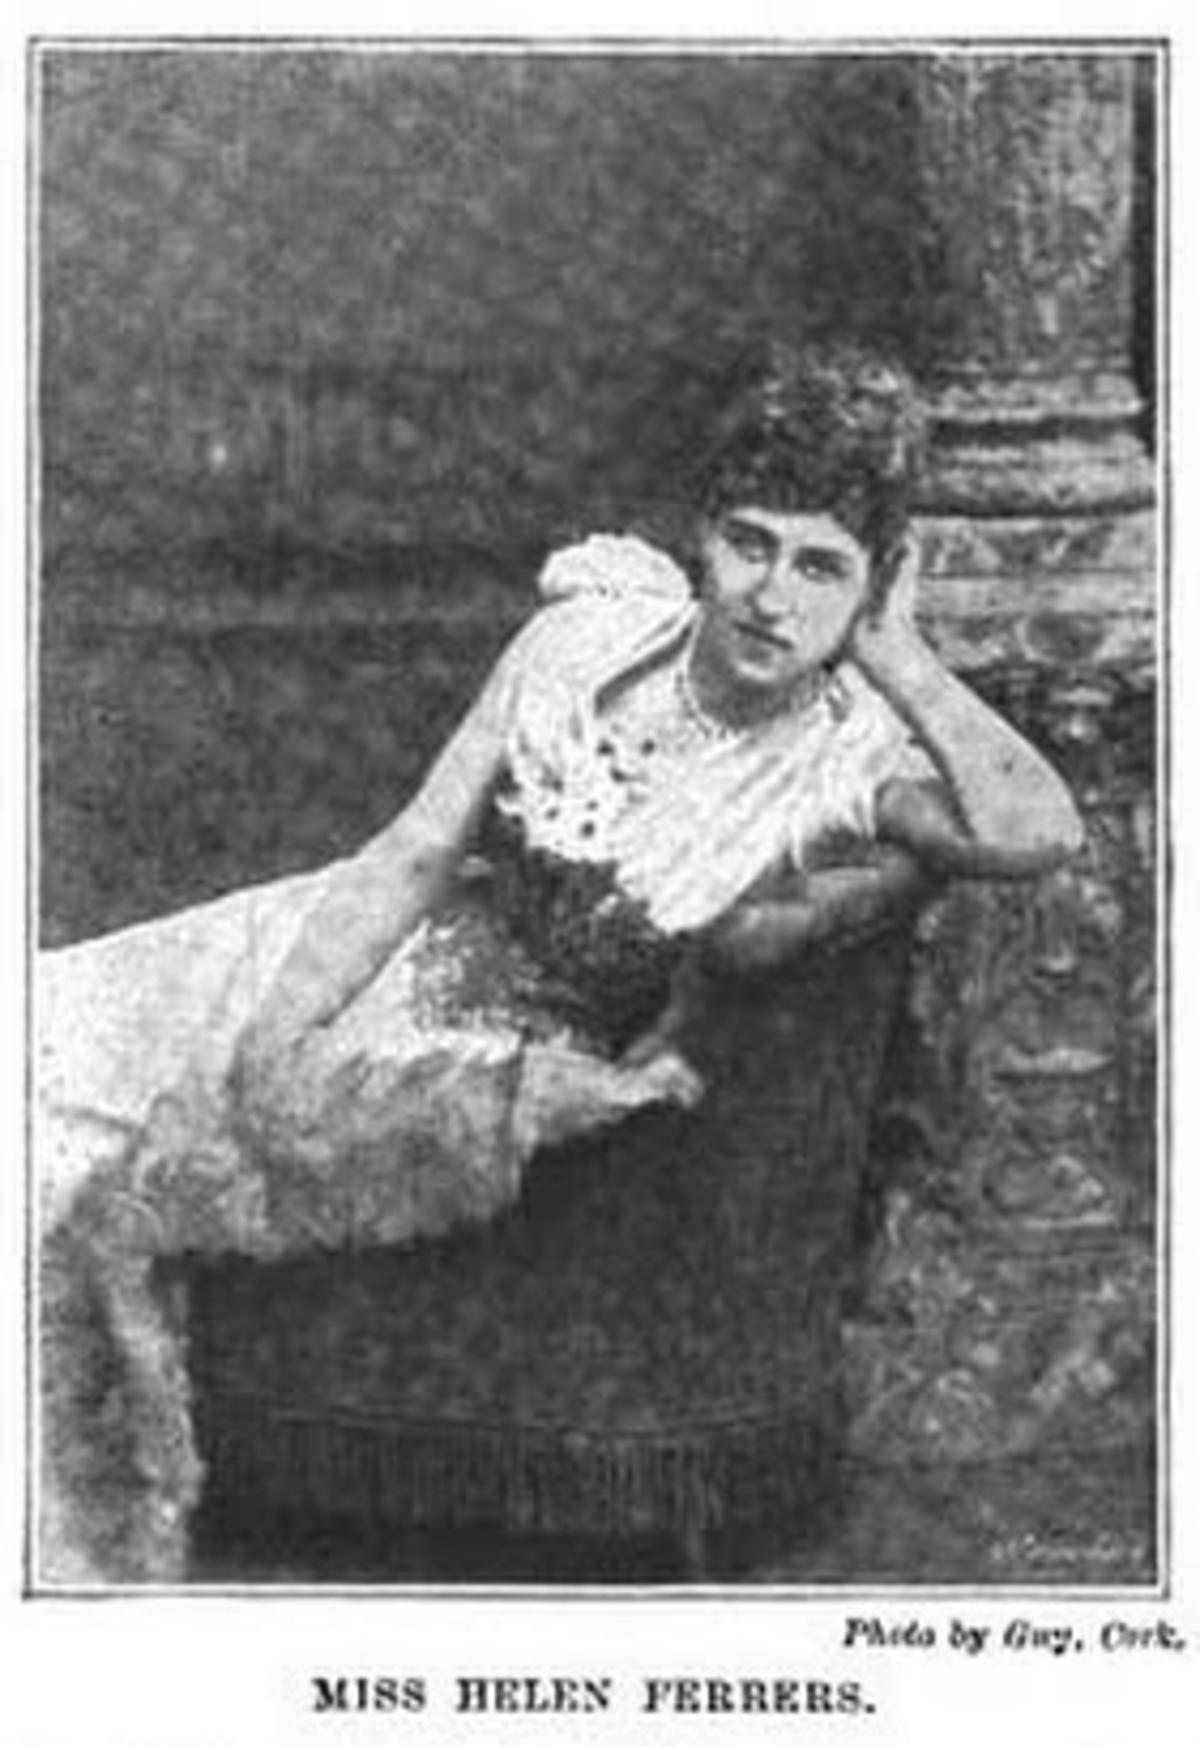 Helen Ferrers